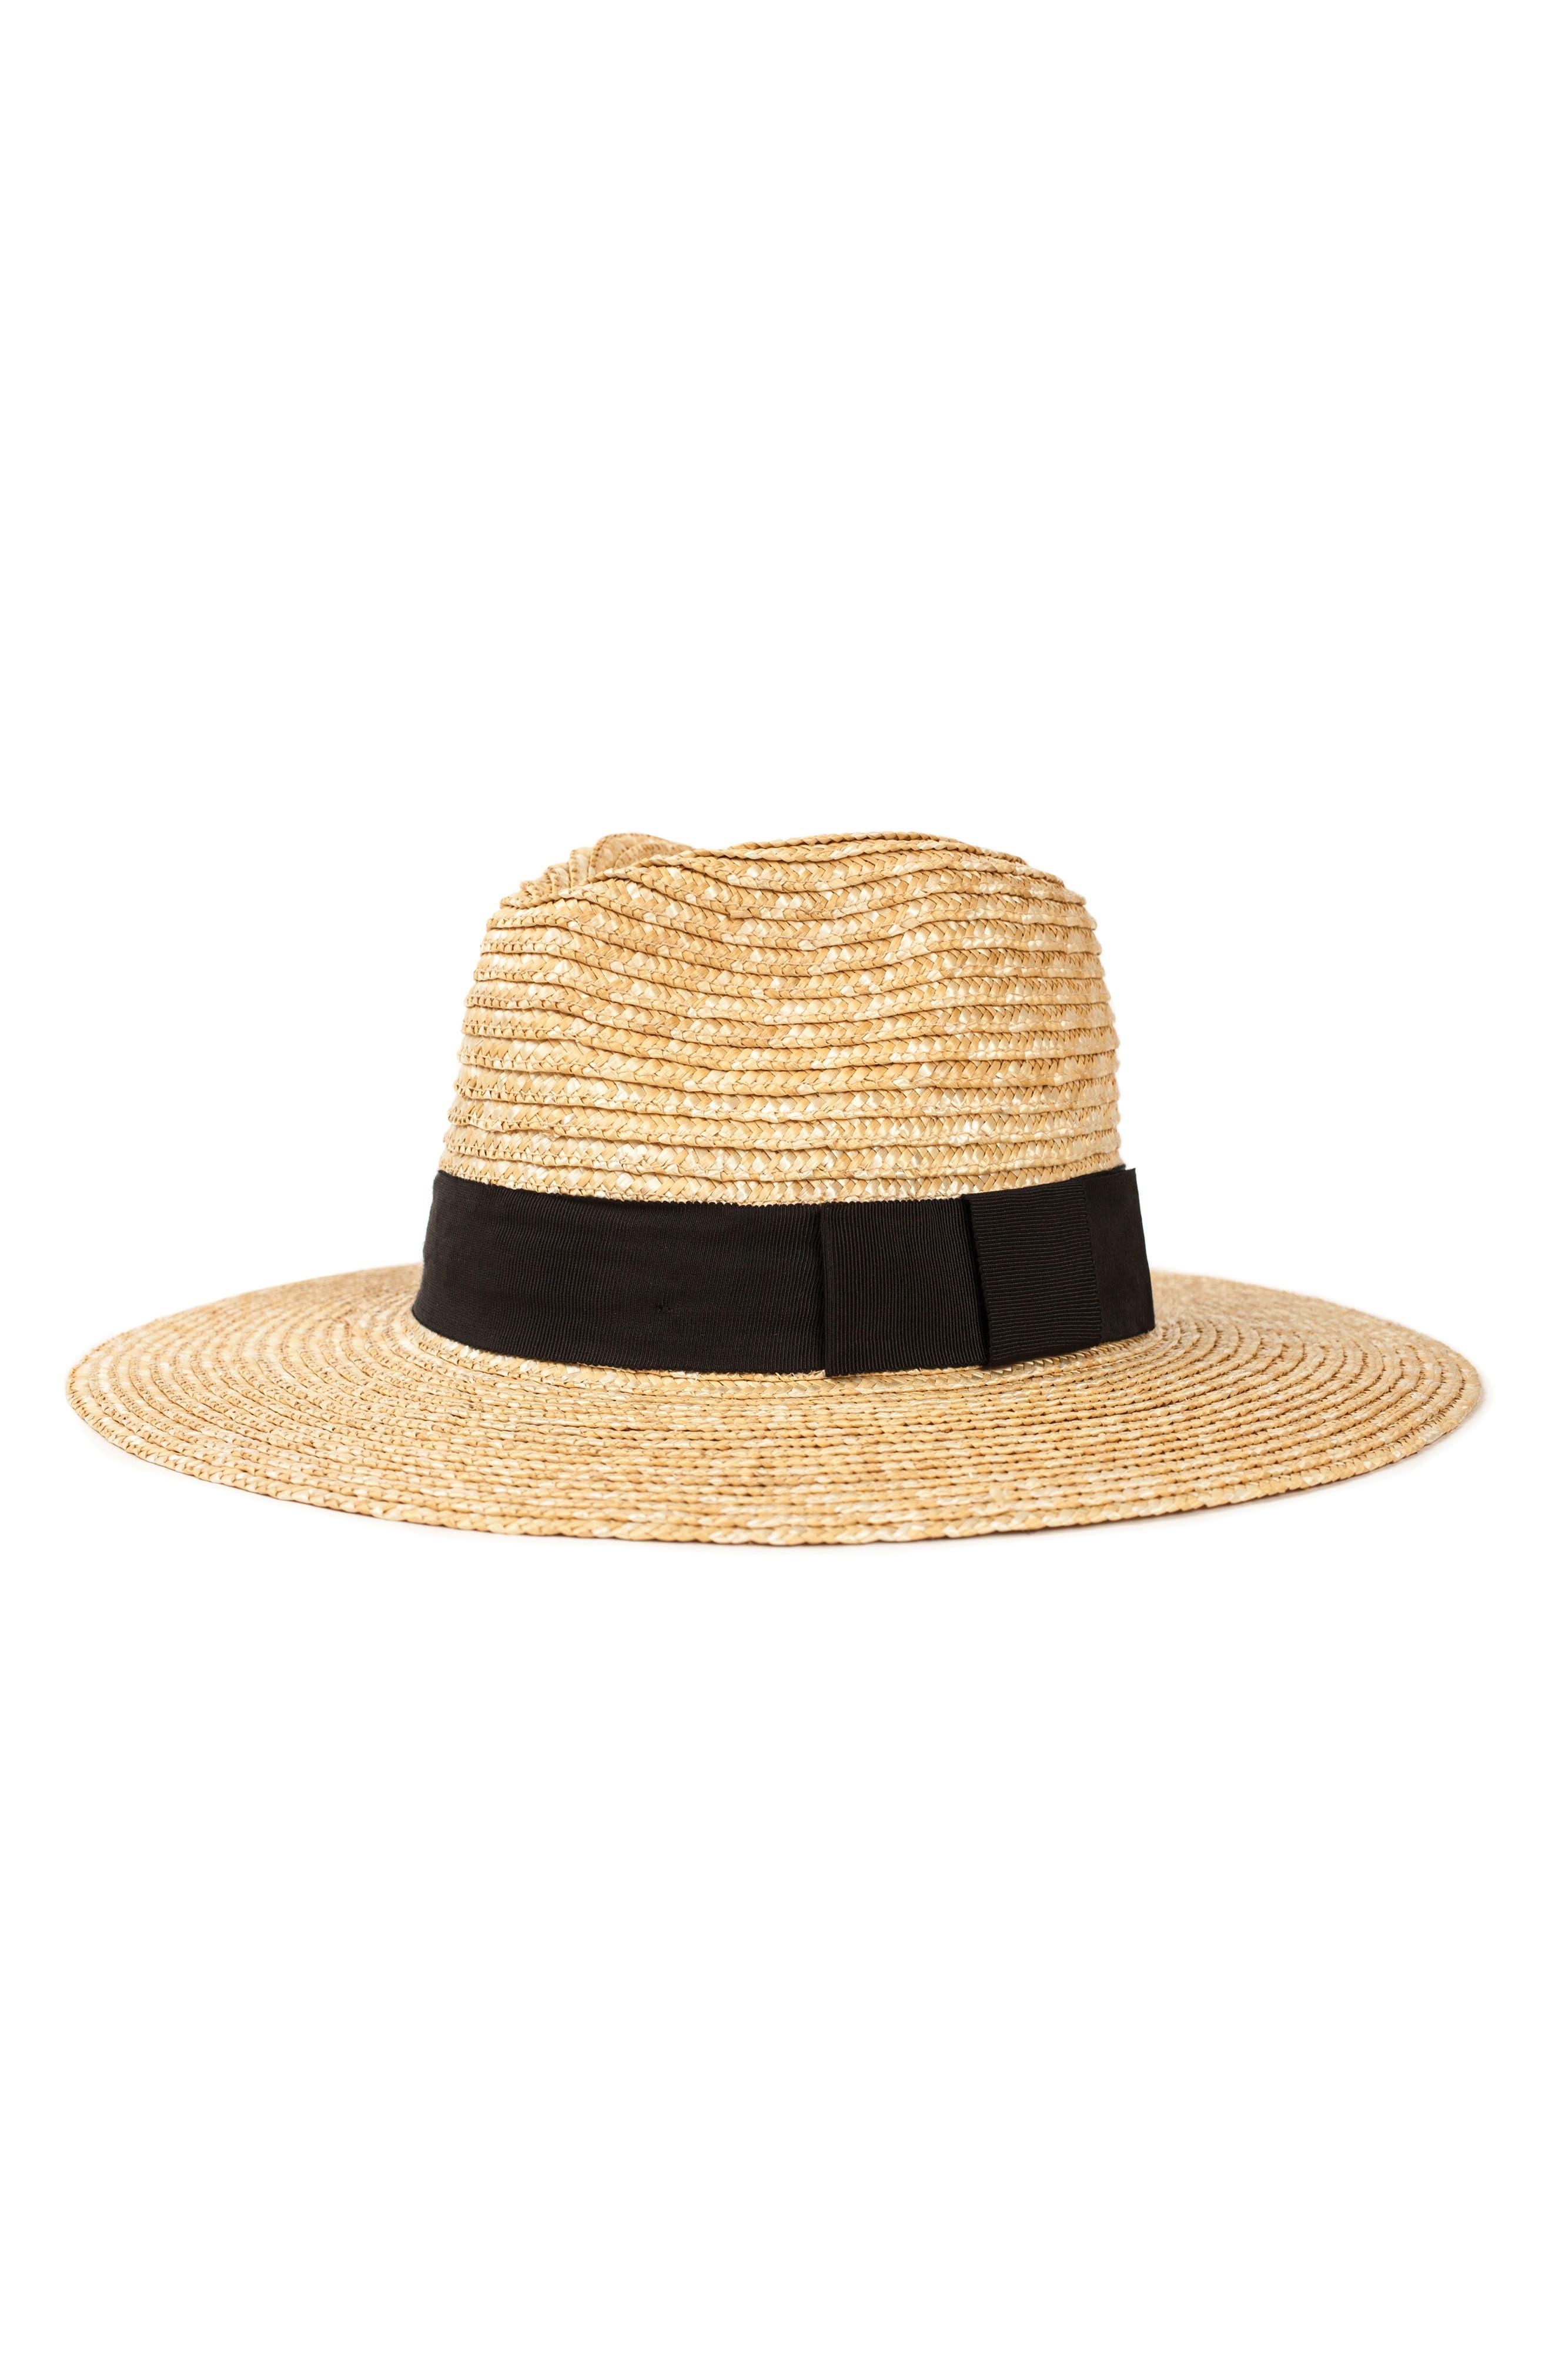 BRIXTON, 'Joanna' Straw Hat, Main thumbnail 1, color, HONEY